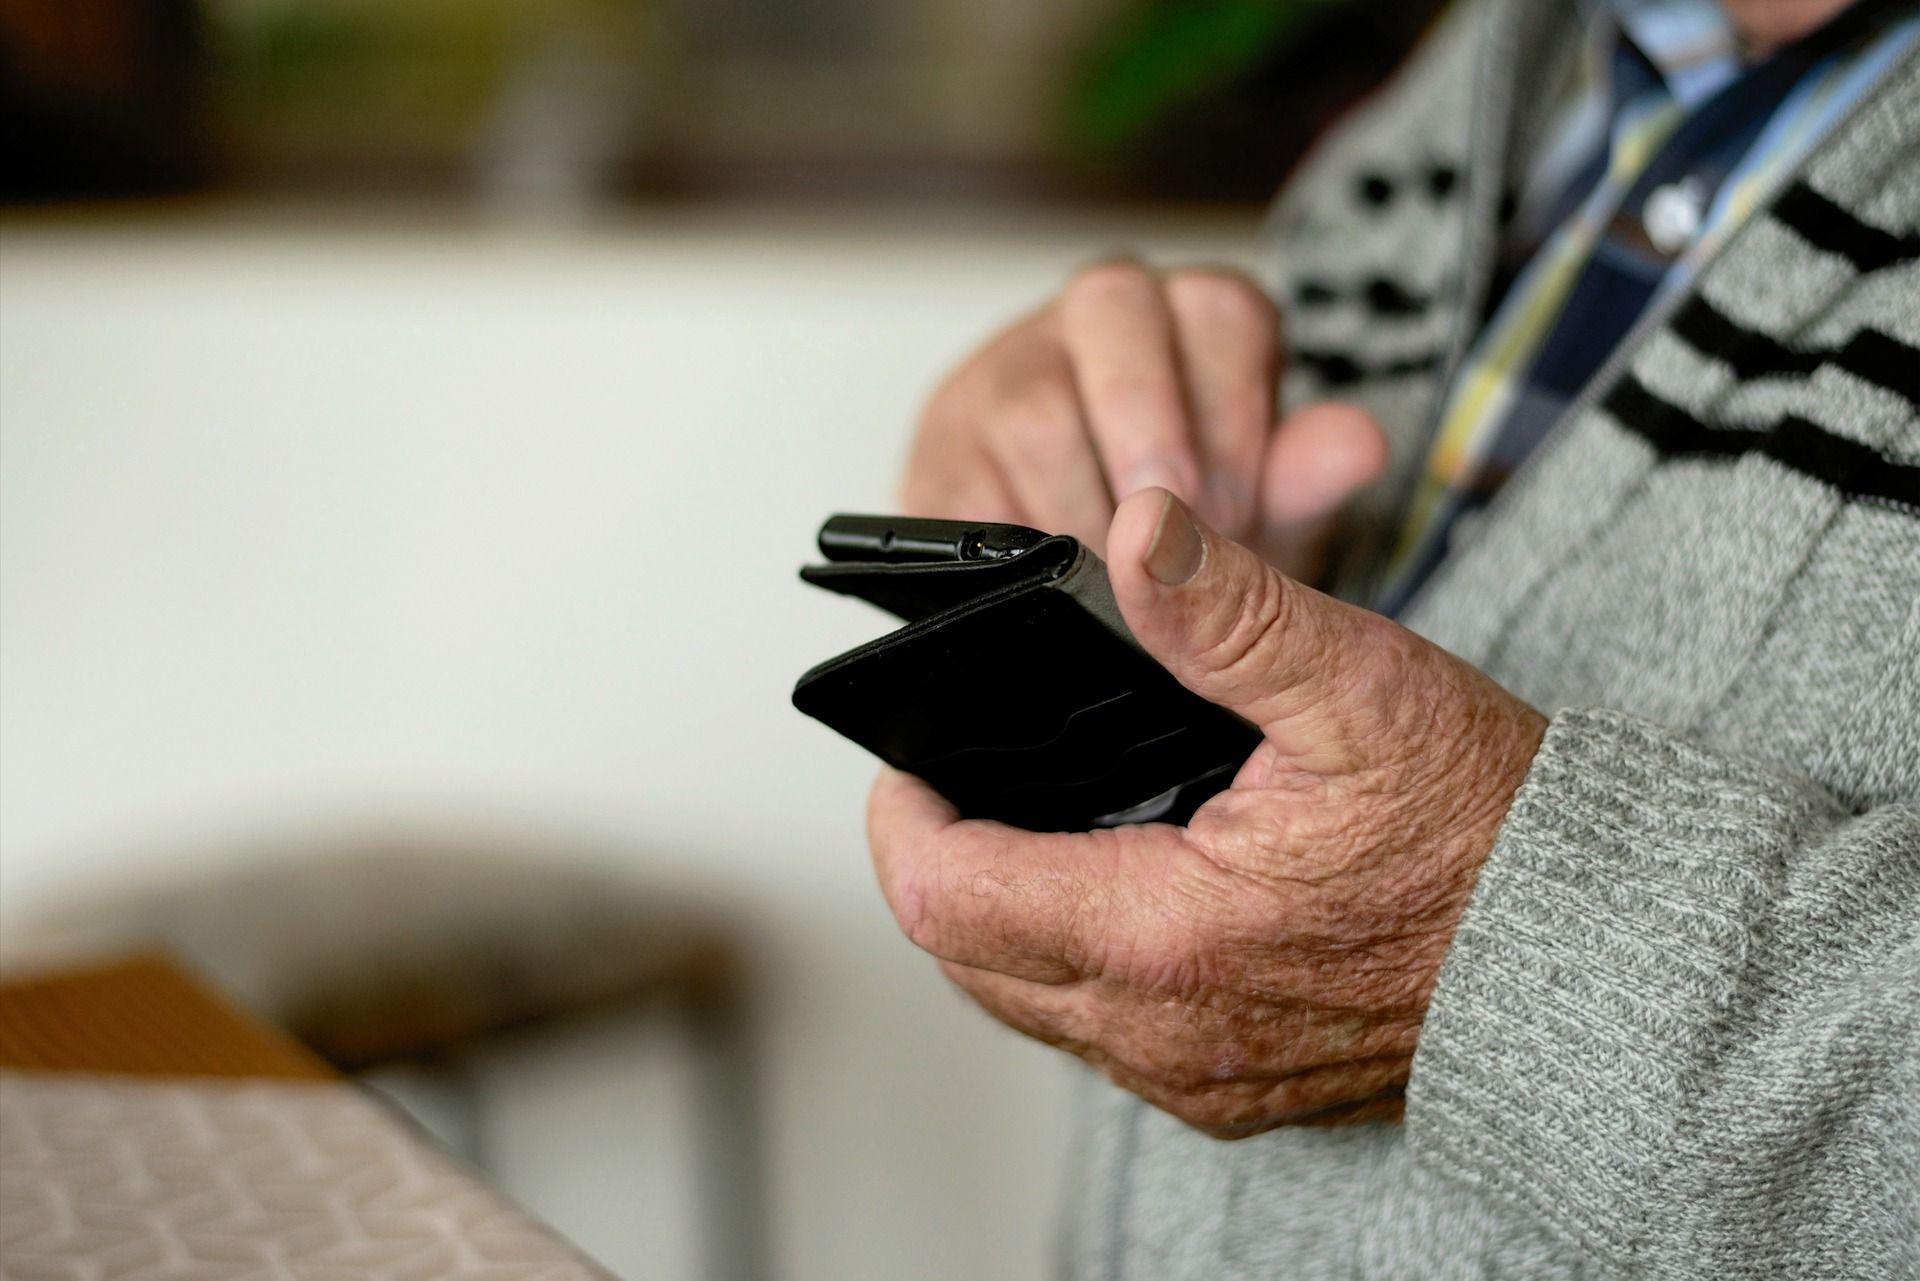 Oszuści znowu w akcji. Seniorka straciła dużo pieniędzy